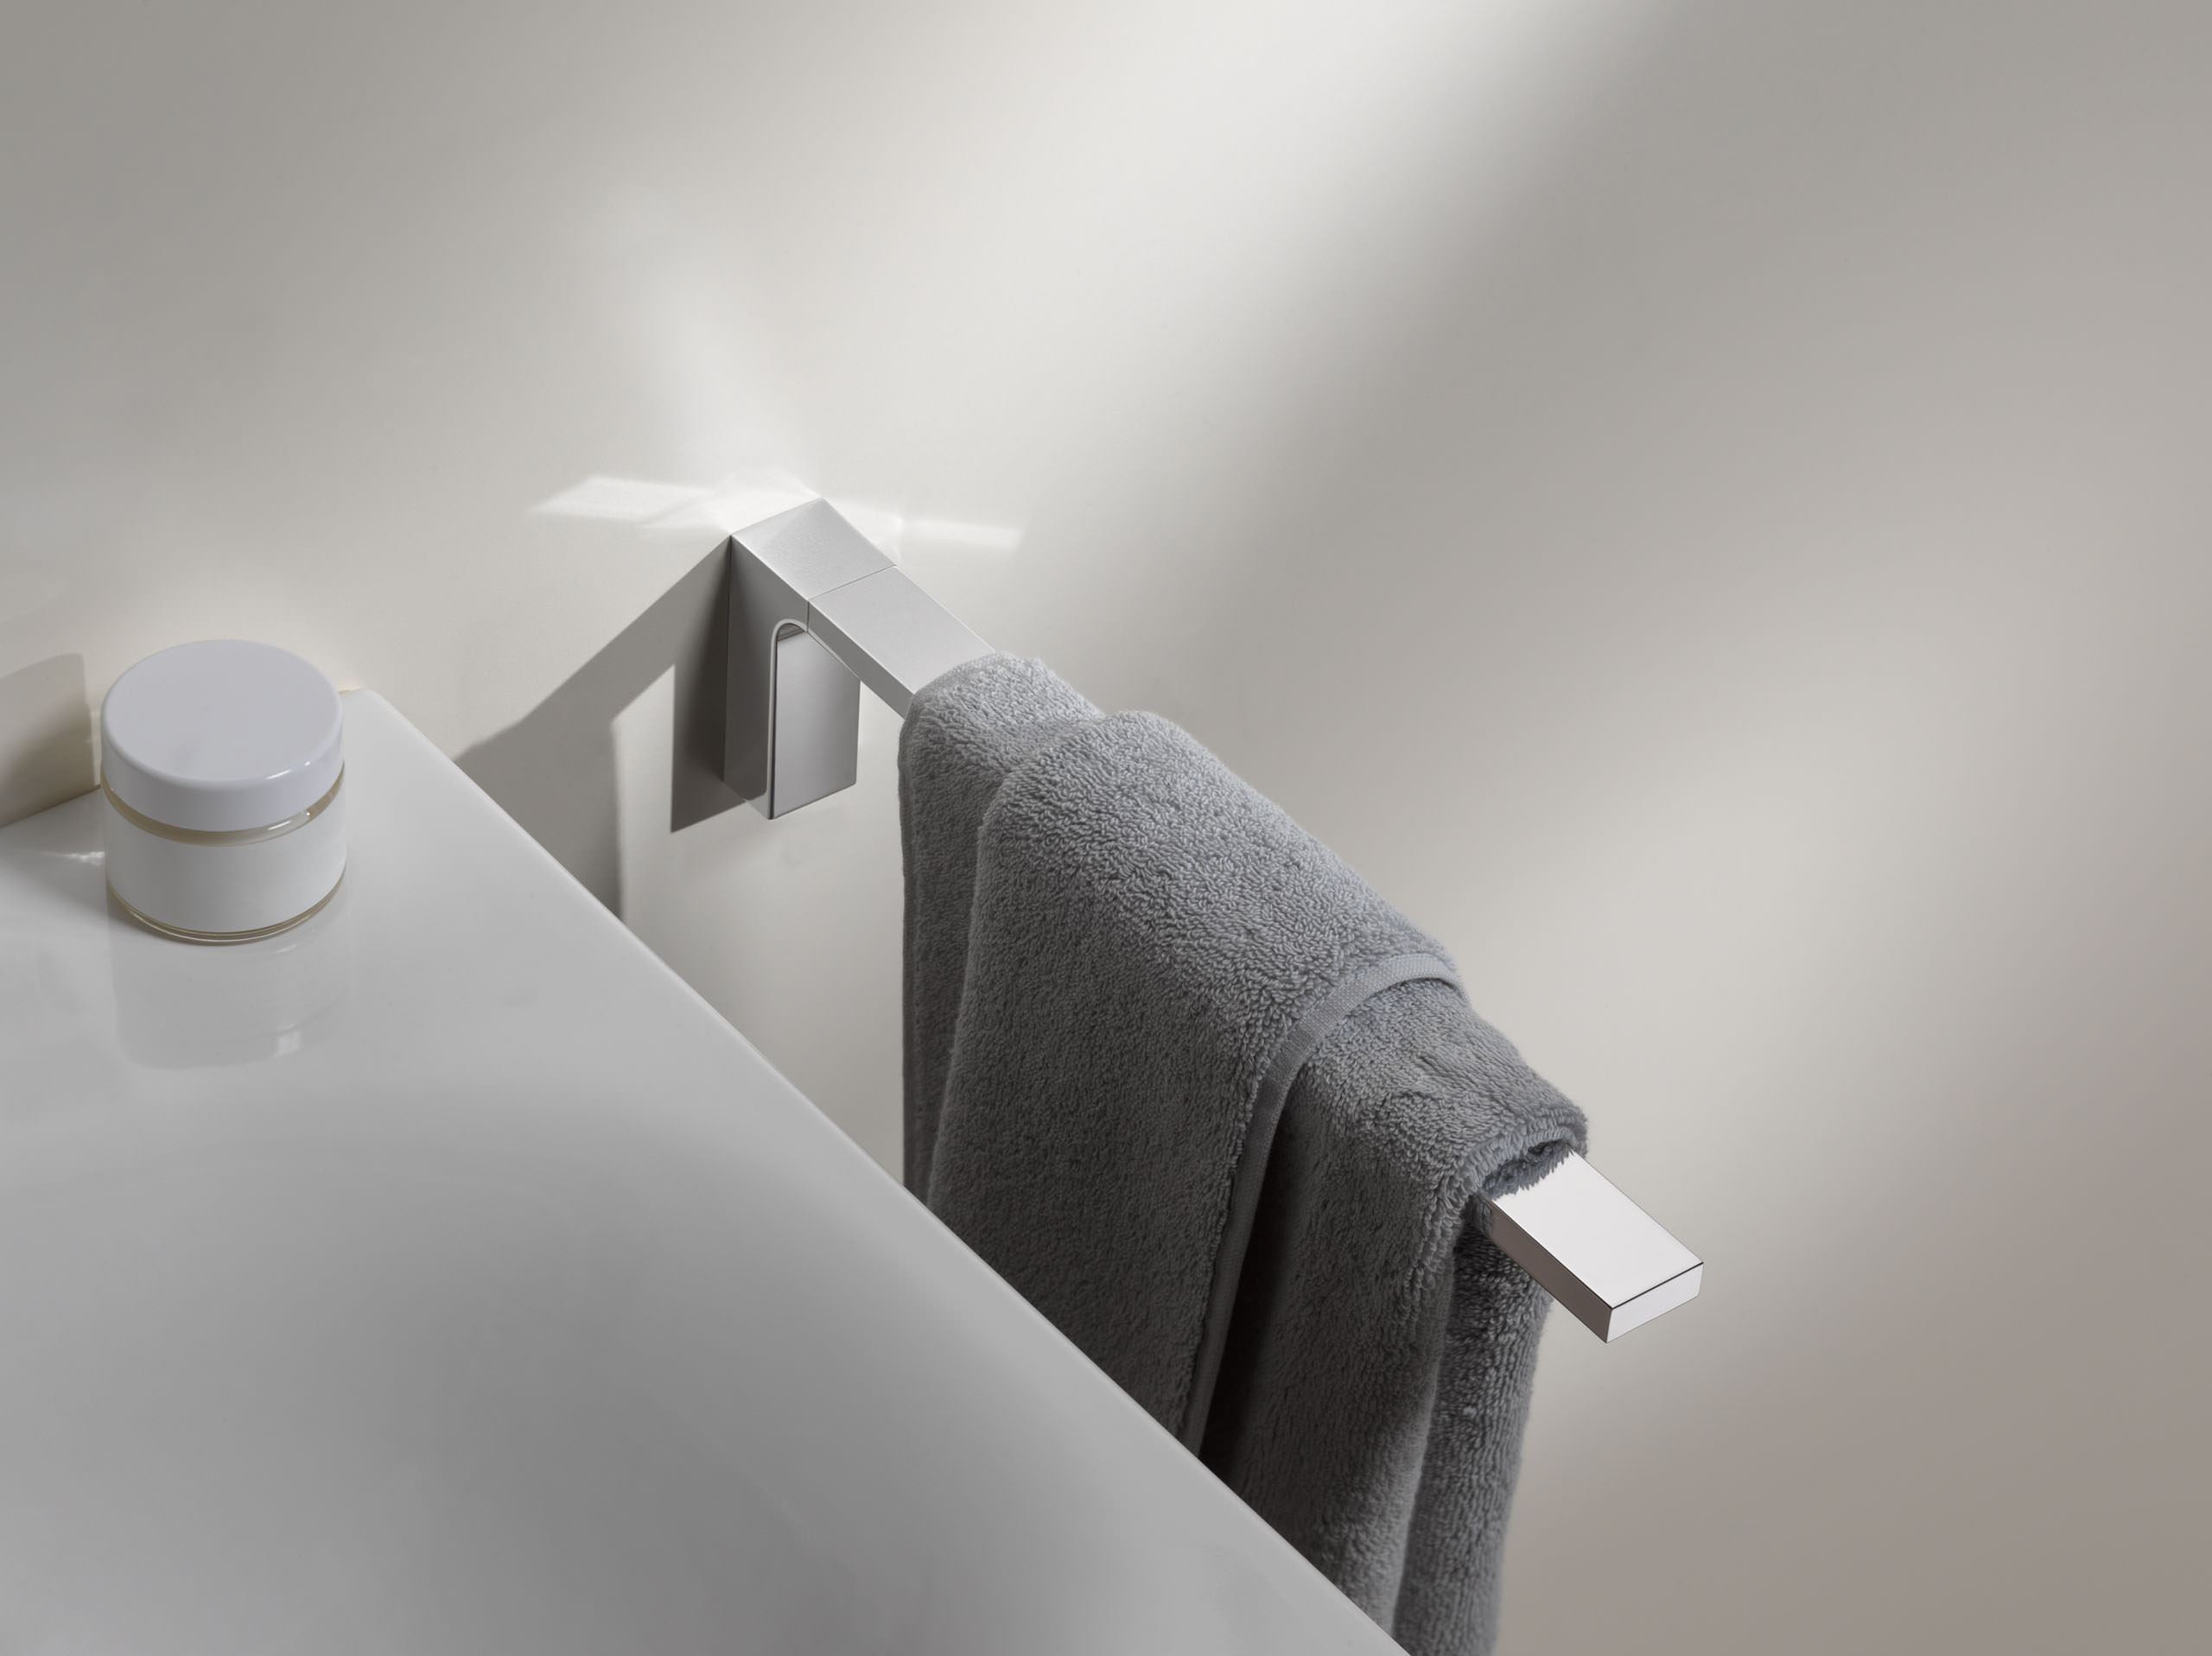 EDITION 11 – das innovative Einrichtungskonzept von KEUCO